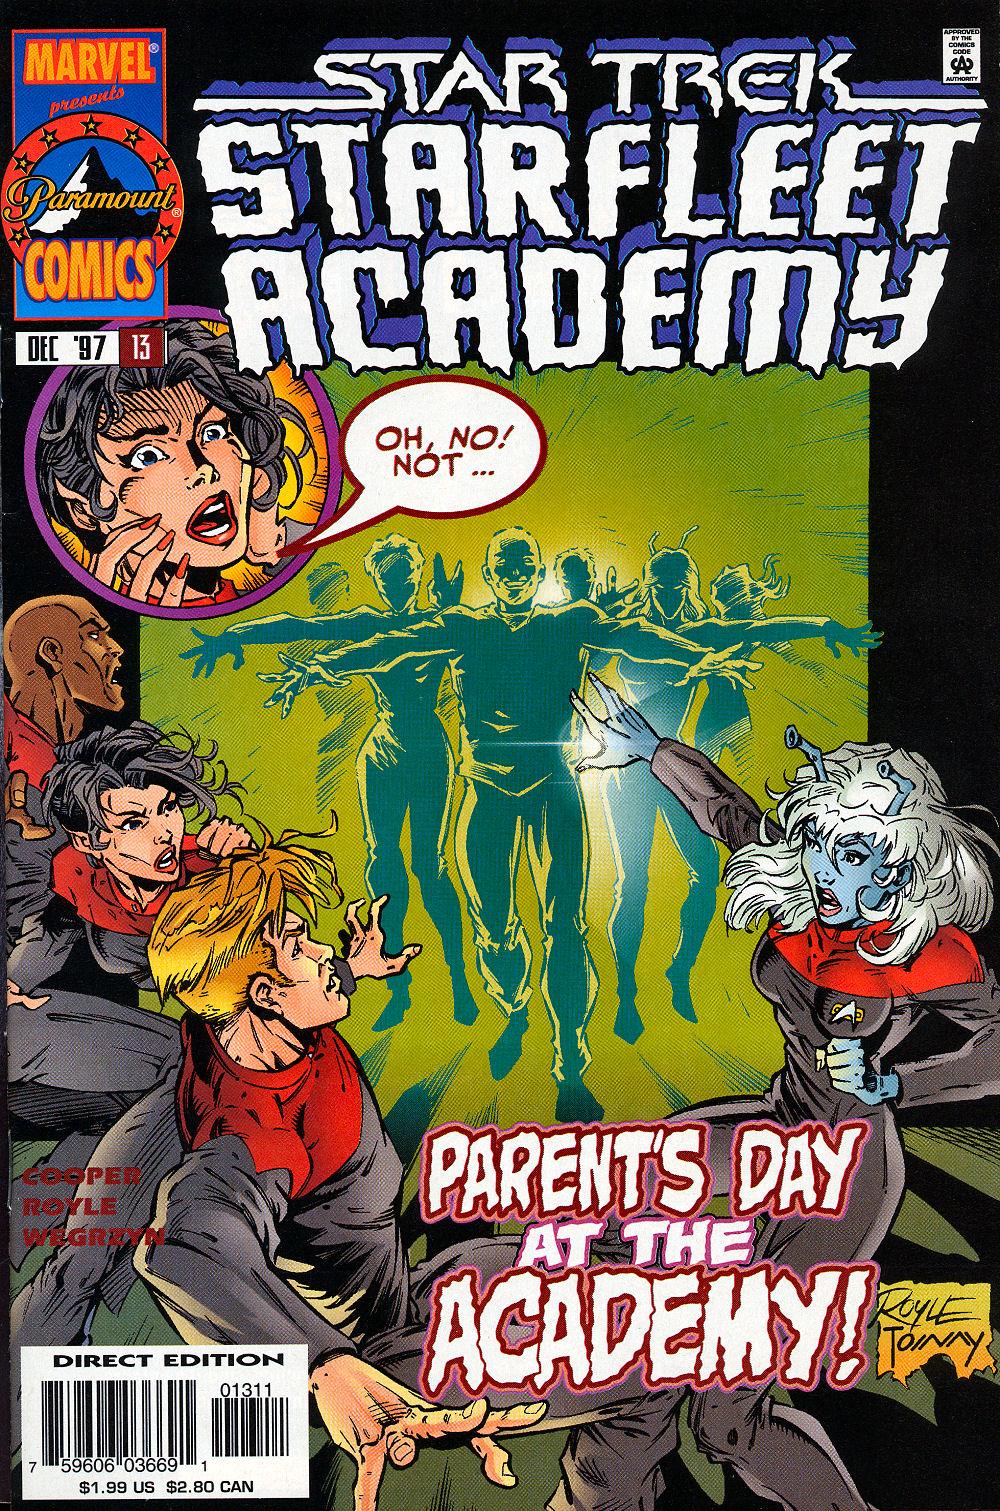 Star Trek: Starfleet Academy (1996) issue 13 - Page 1